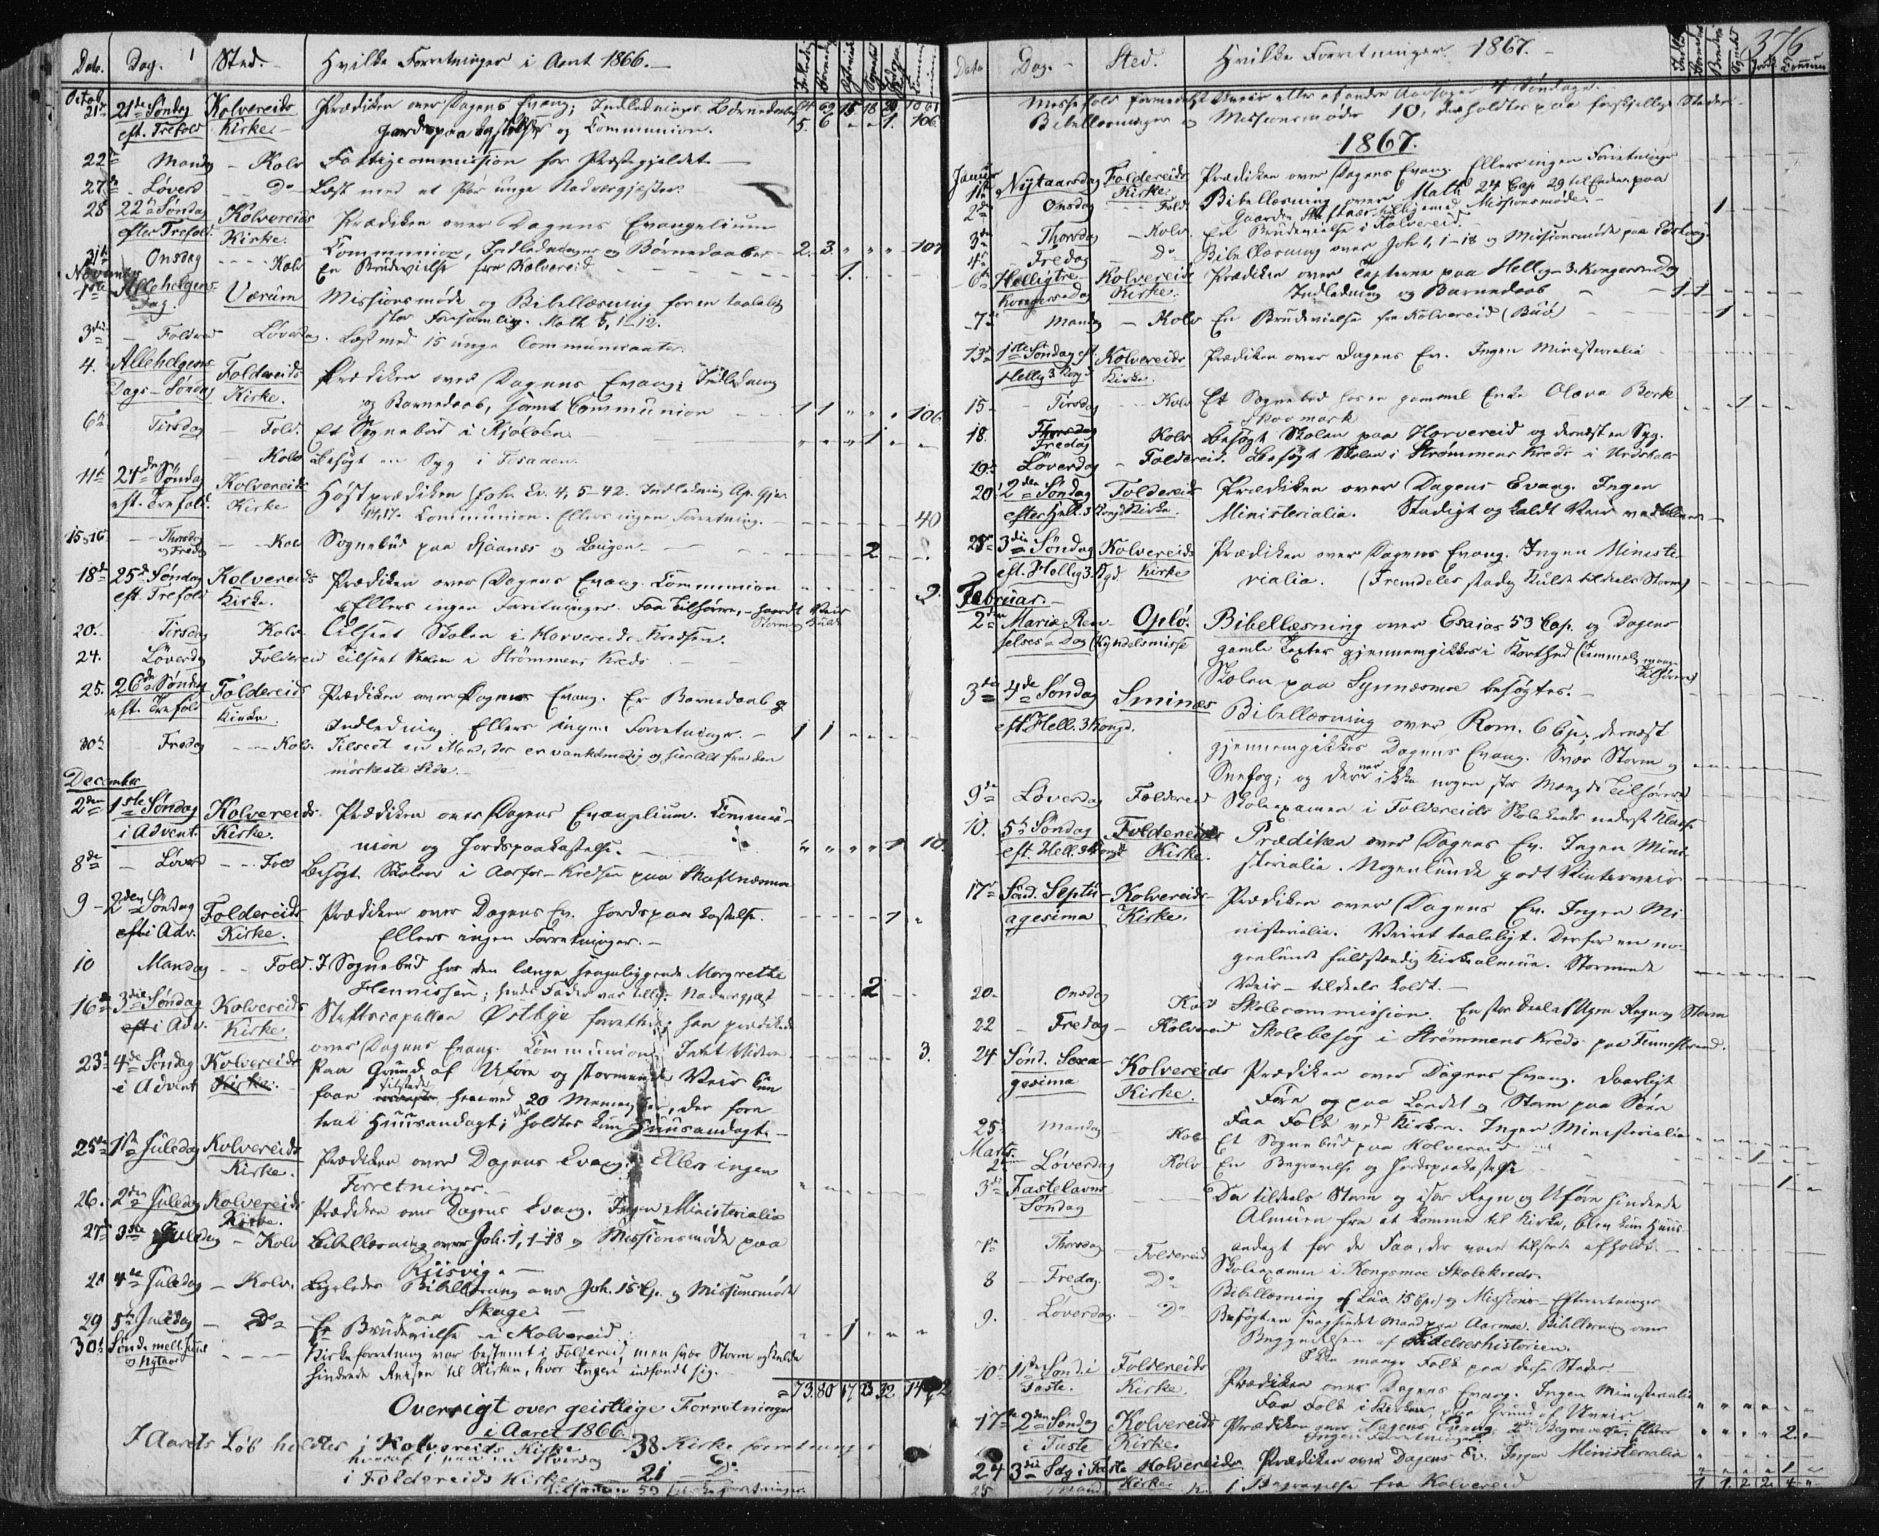 SAT, Ministerialprotokoller, klokkerbøker og fødselsregistre - Nord-Trøndelag, 780/L0641: Ministerialbok nr. 780A06, 1857-1874, s. 376